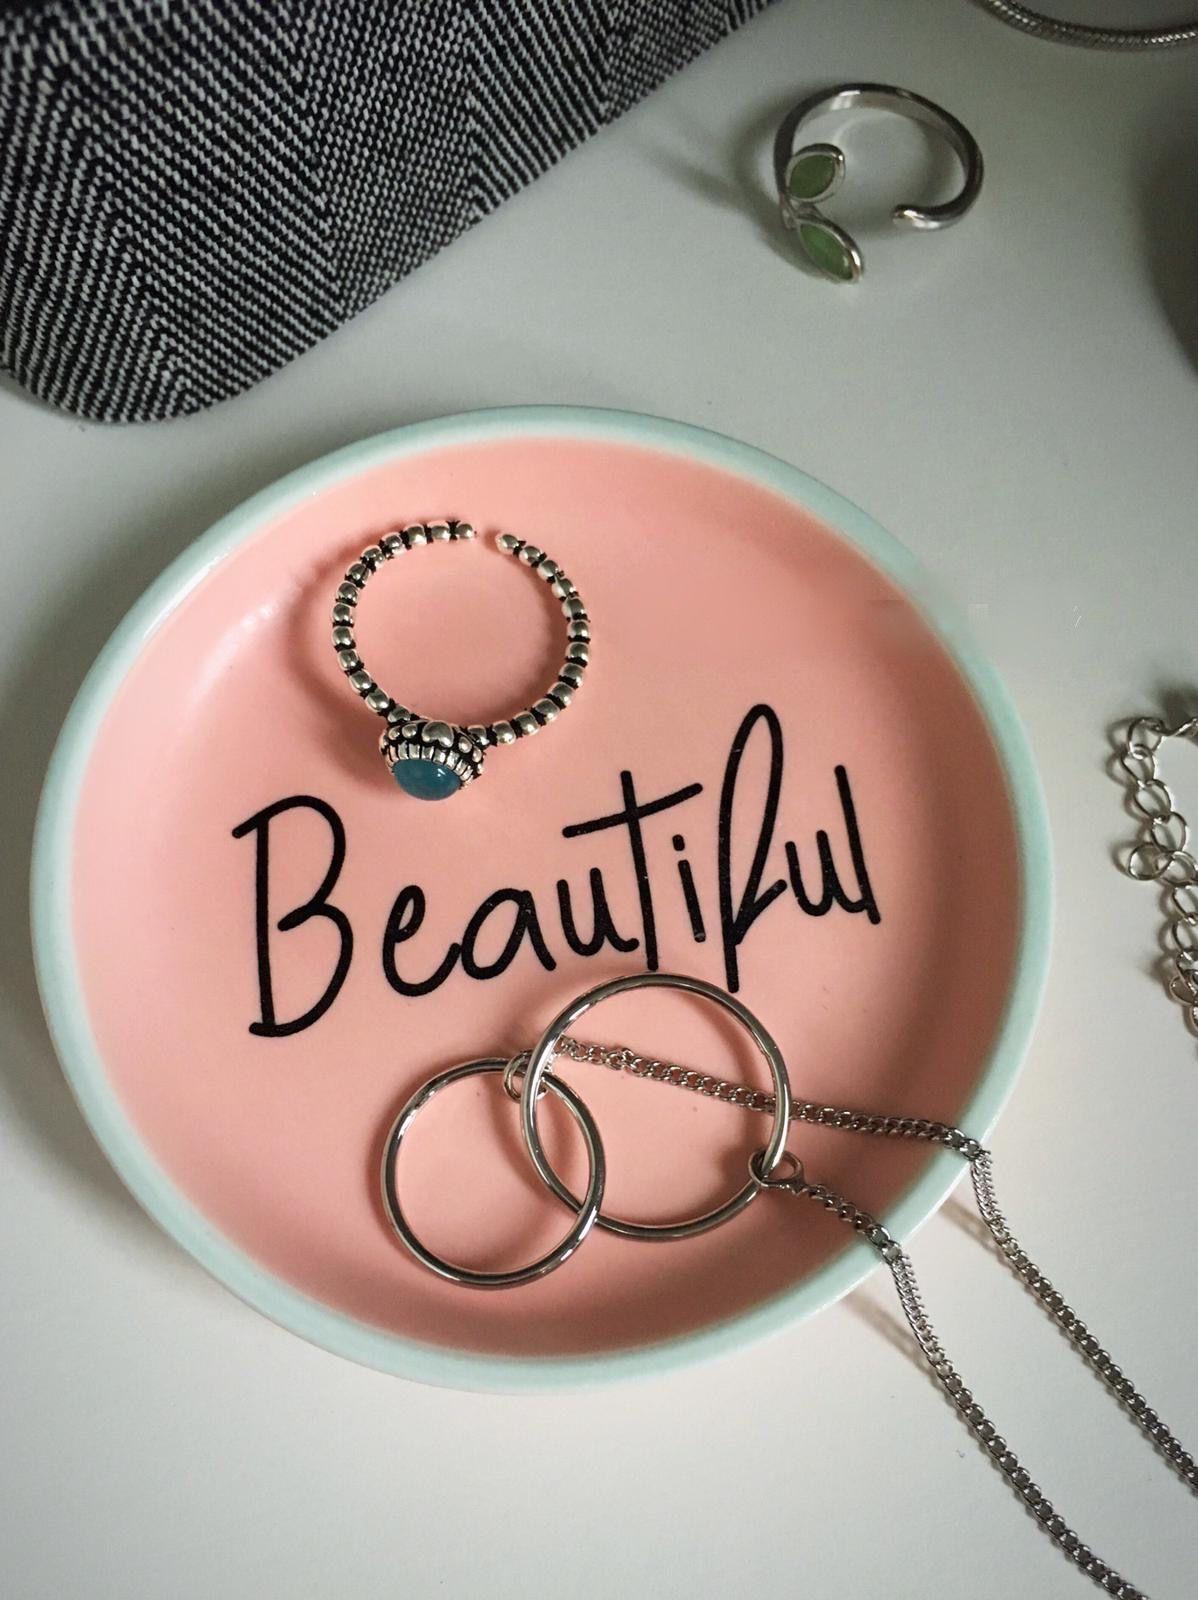 Pastel Pink 'Beautiful' Ring Dish